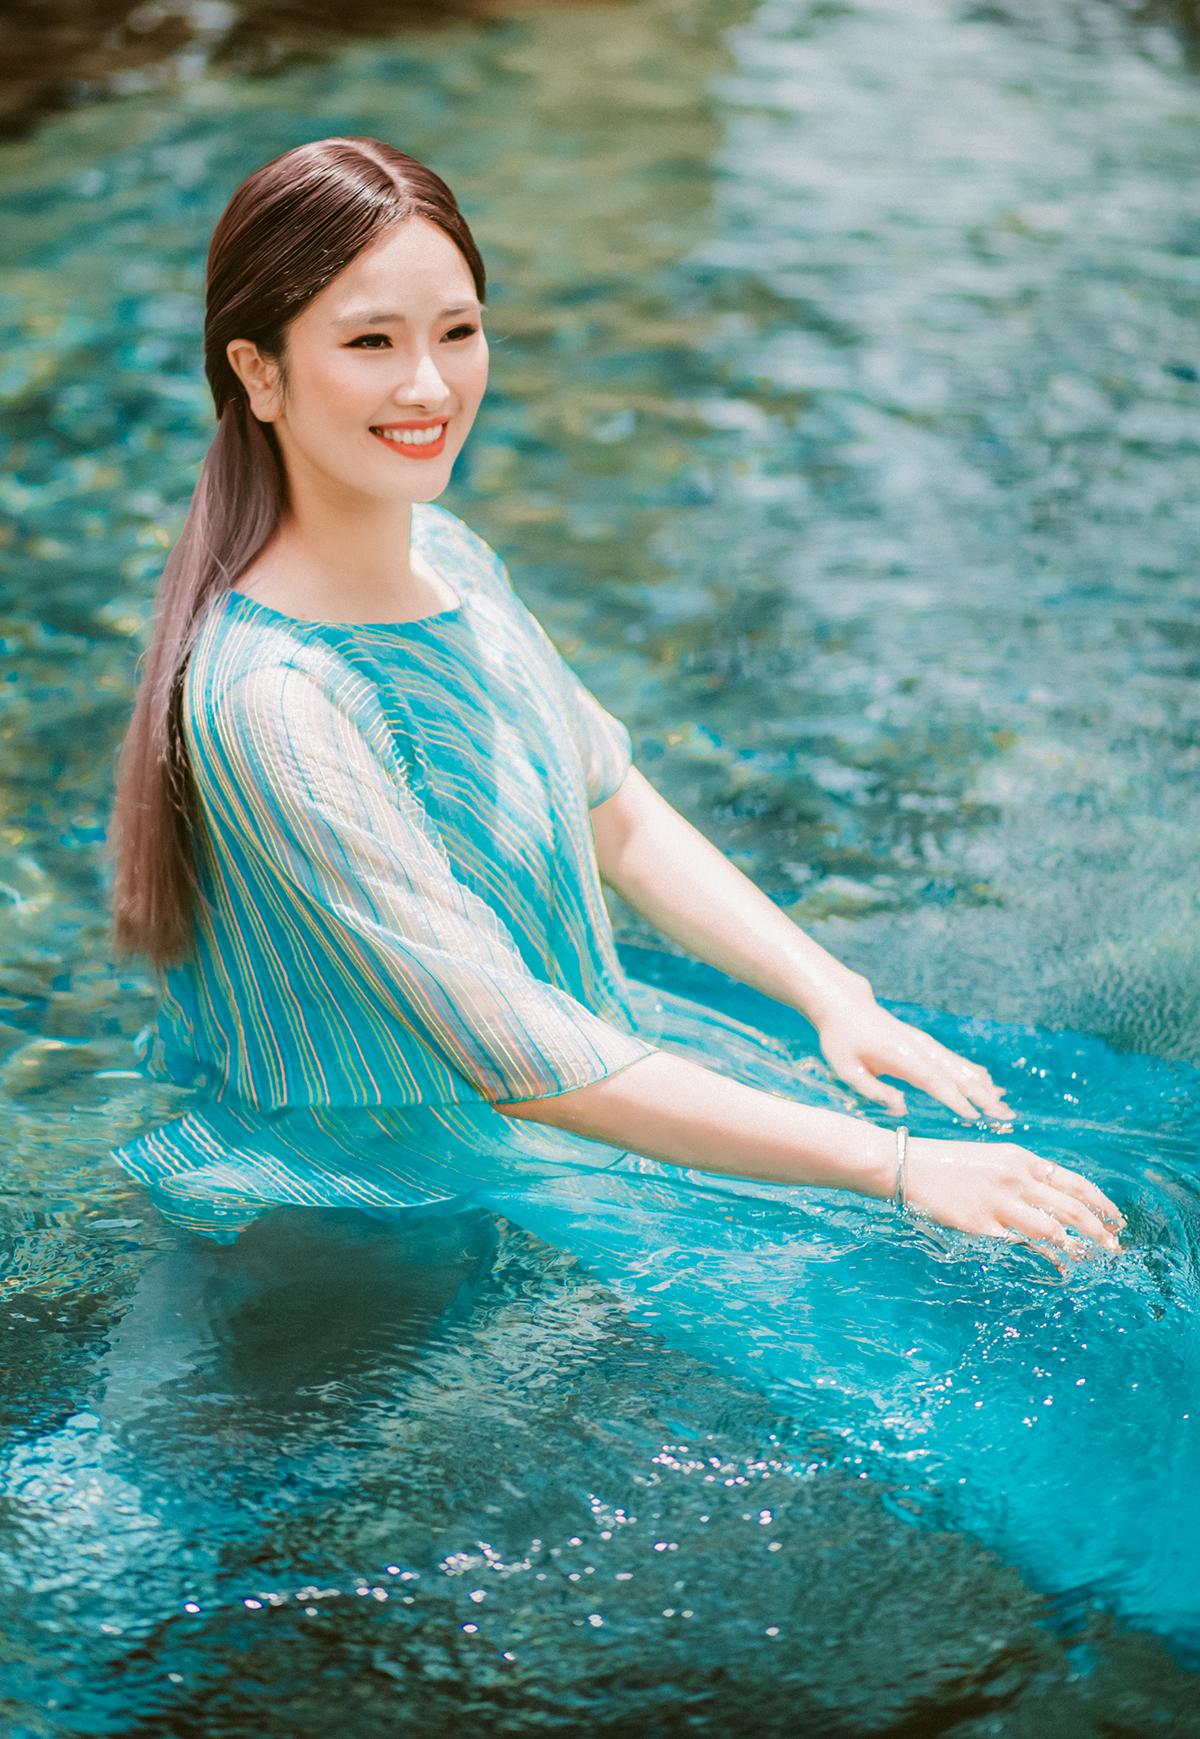 Dưới cái lạnh của Đà Lạt, Cao Thuỳ Dương không ngại trầm mình xuống bể bơi hay dậy từ 3-4h sáng để có những bức hình ưng ý nhất, hoà mình vào vẻ đẹp huyền ảo của mảnh đất ngàn hoa.